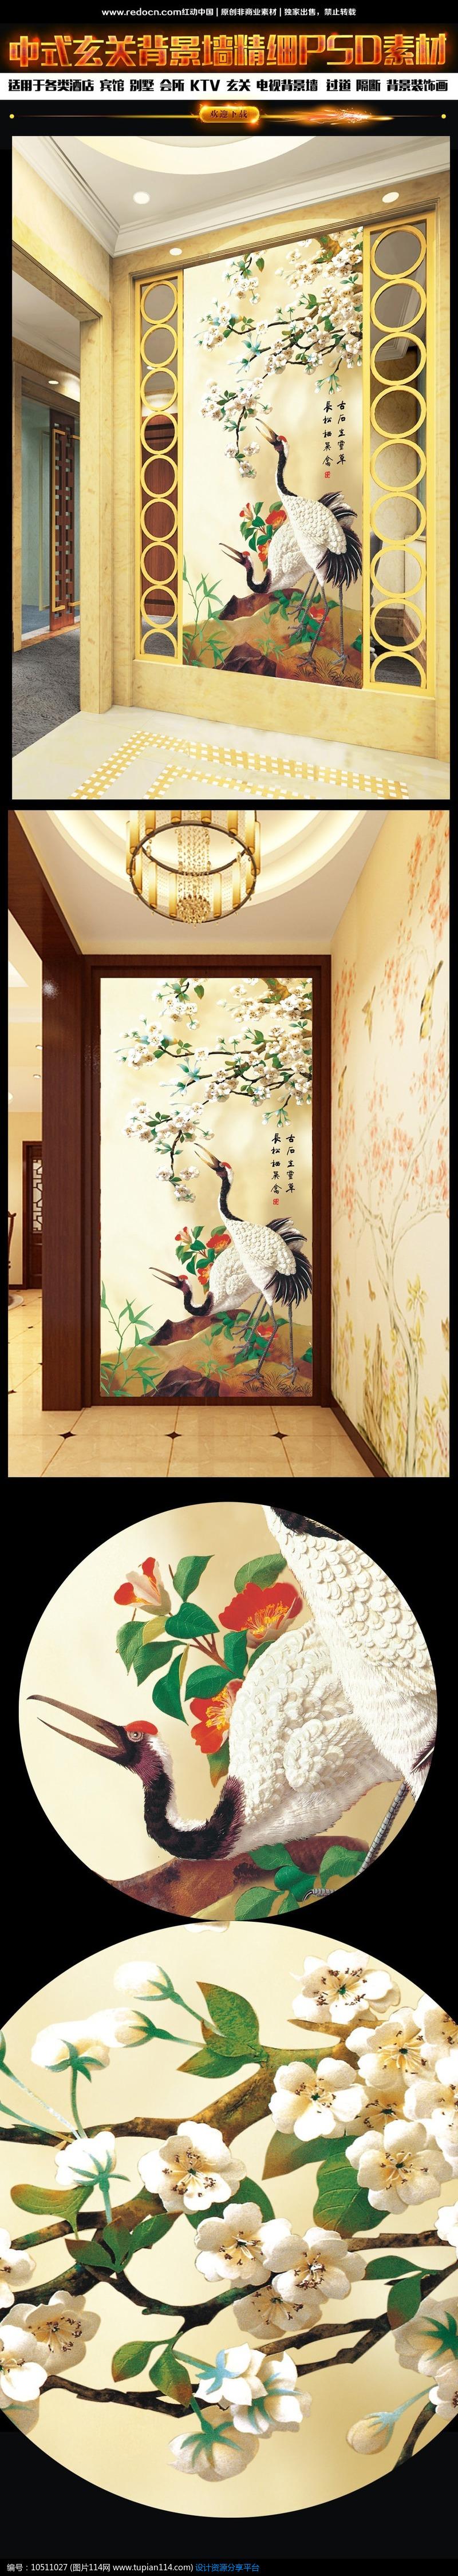 中国风千顶鹤花鸟工笔画玄关图